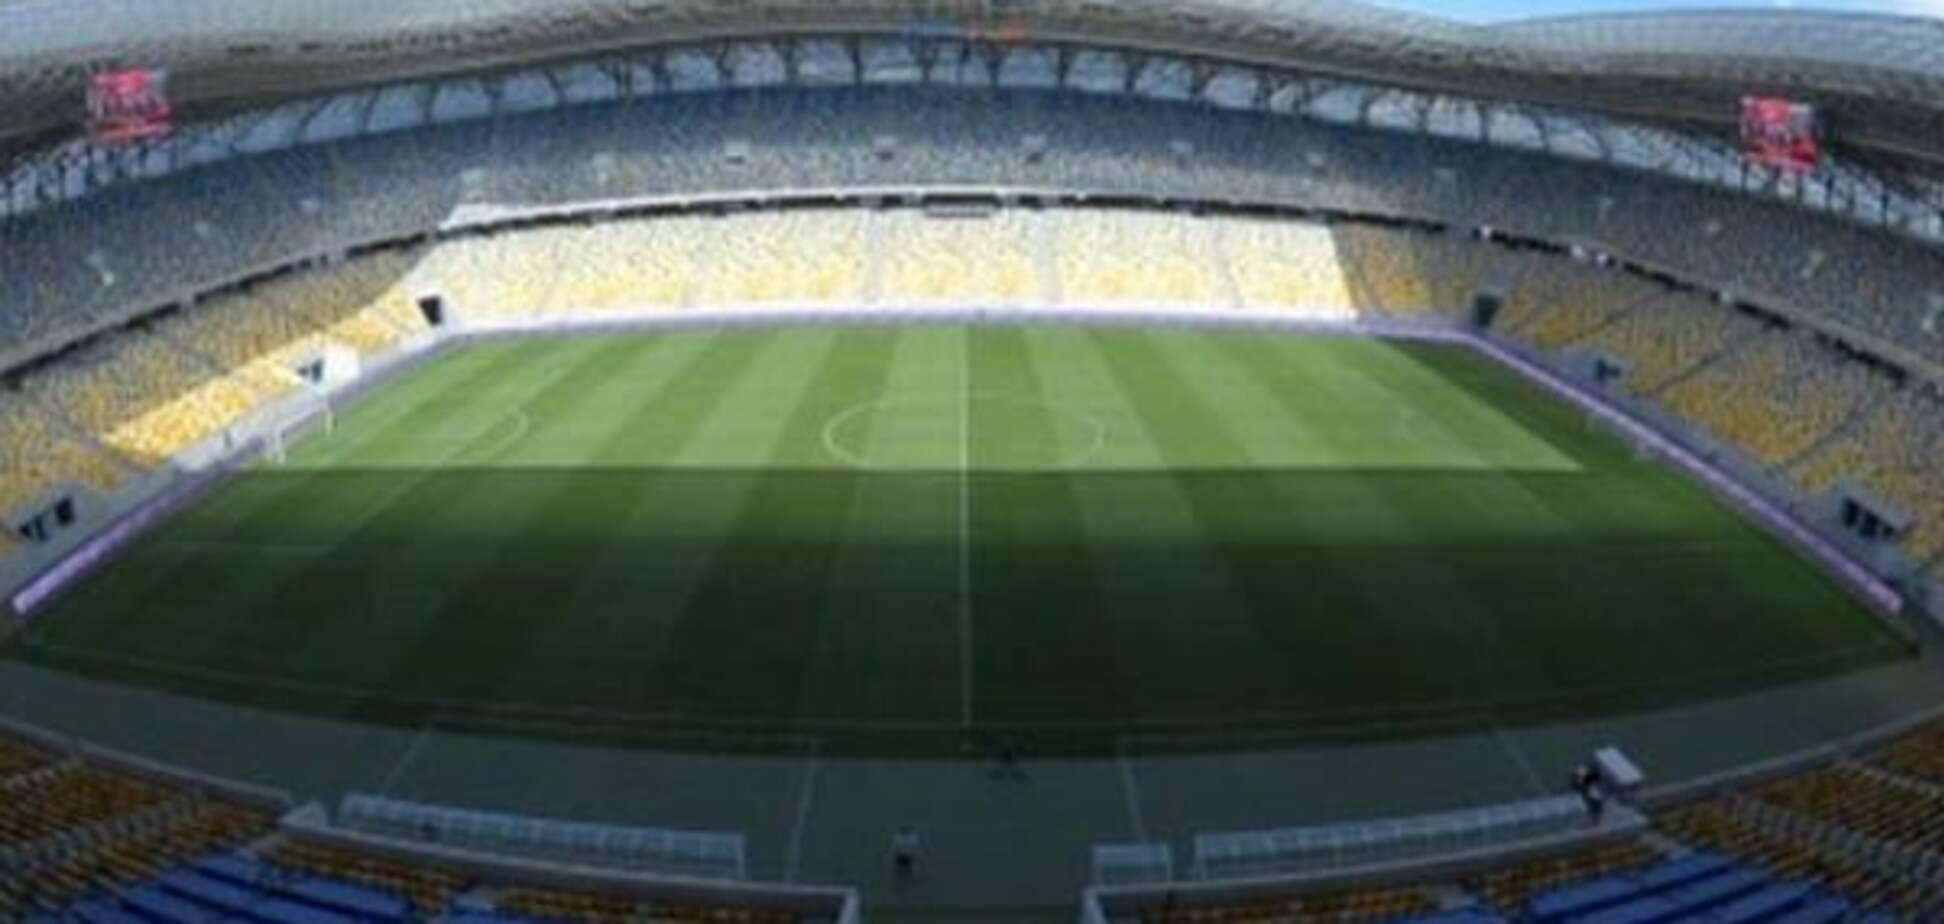 Вперше в історії. Фінал Кубка України з футболу відбудеться на новому стадіоні